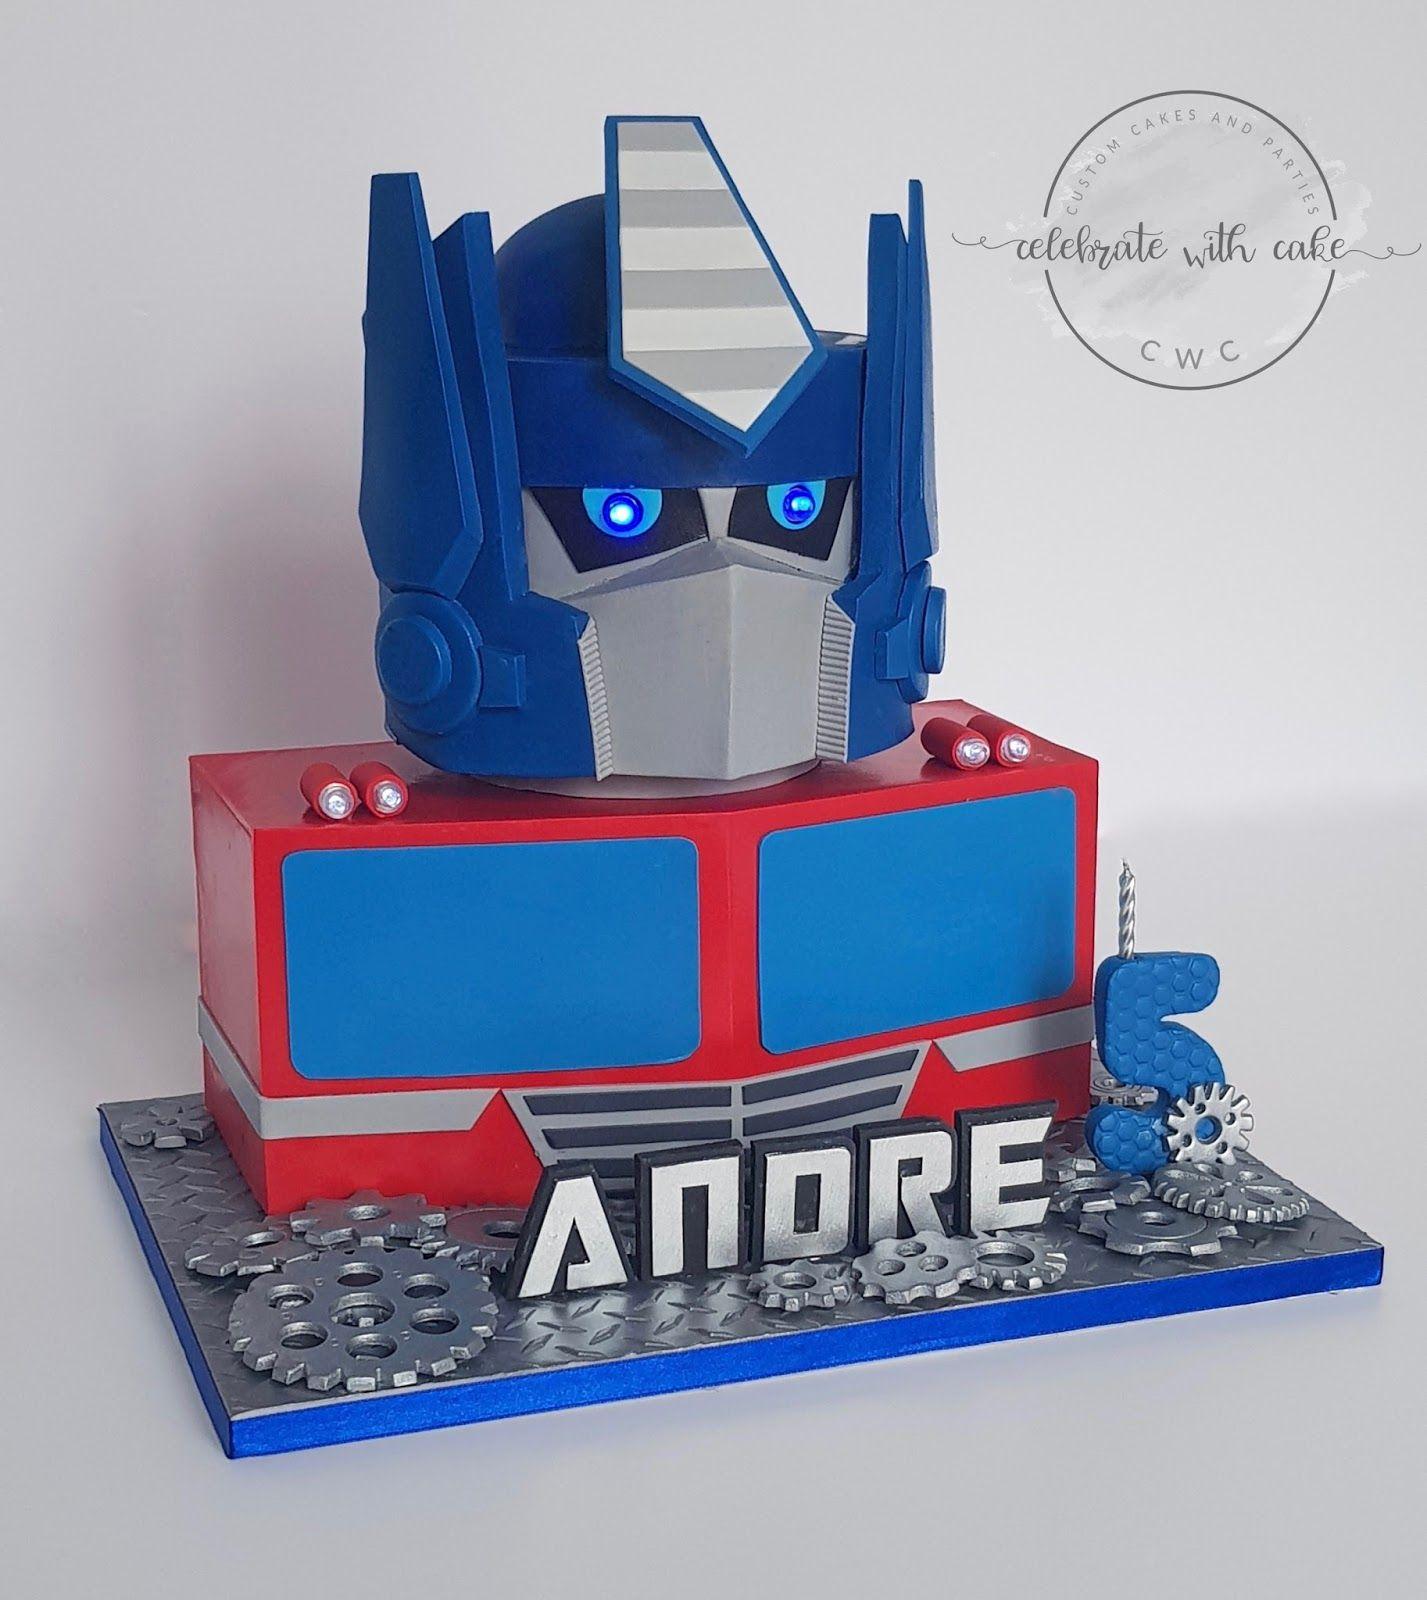 Celebrate with cake optimus prime cake in 2020 optimus